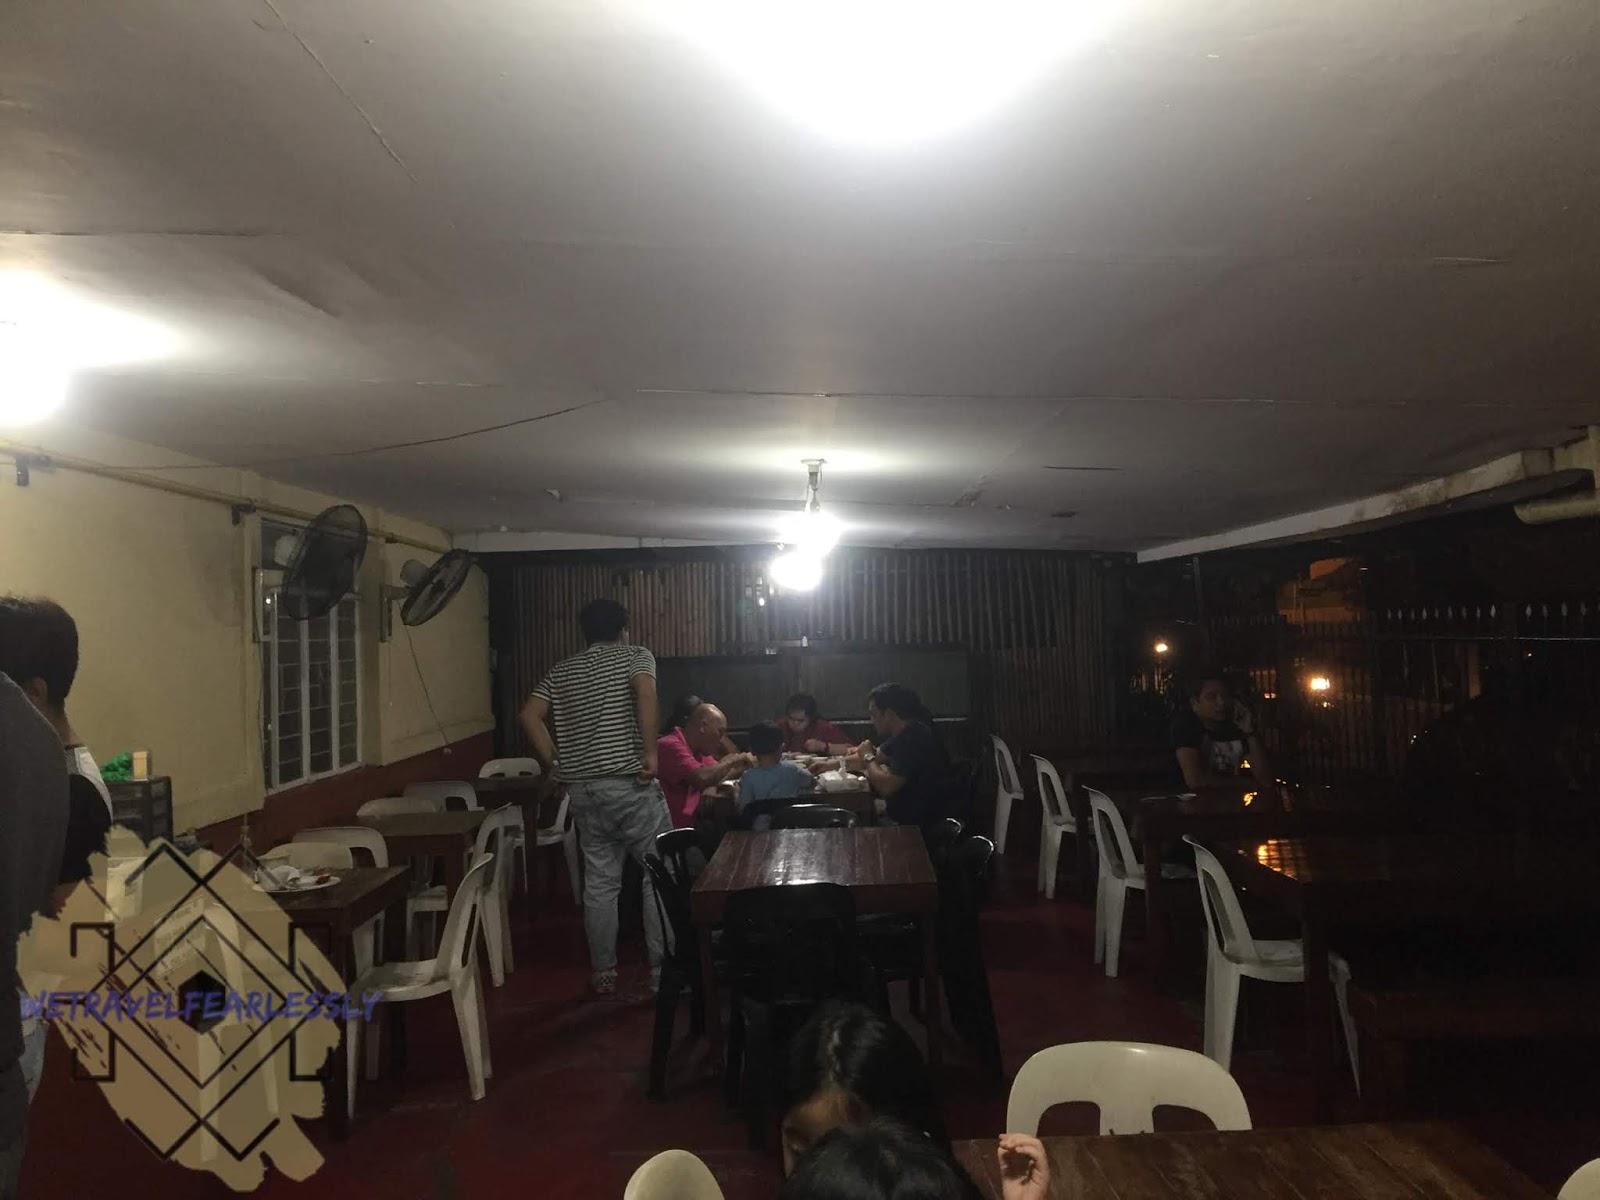 Tuki's Food Station in Manggahan, Pasig